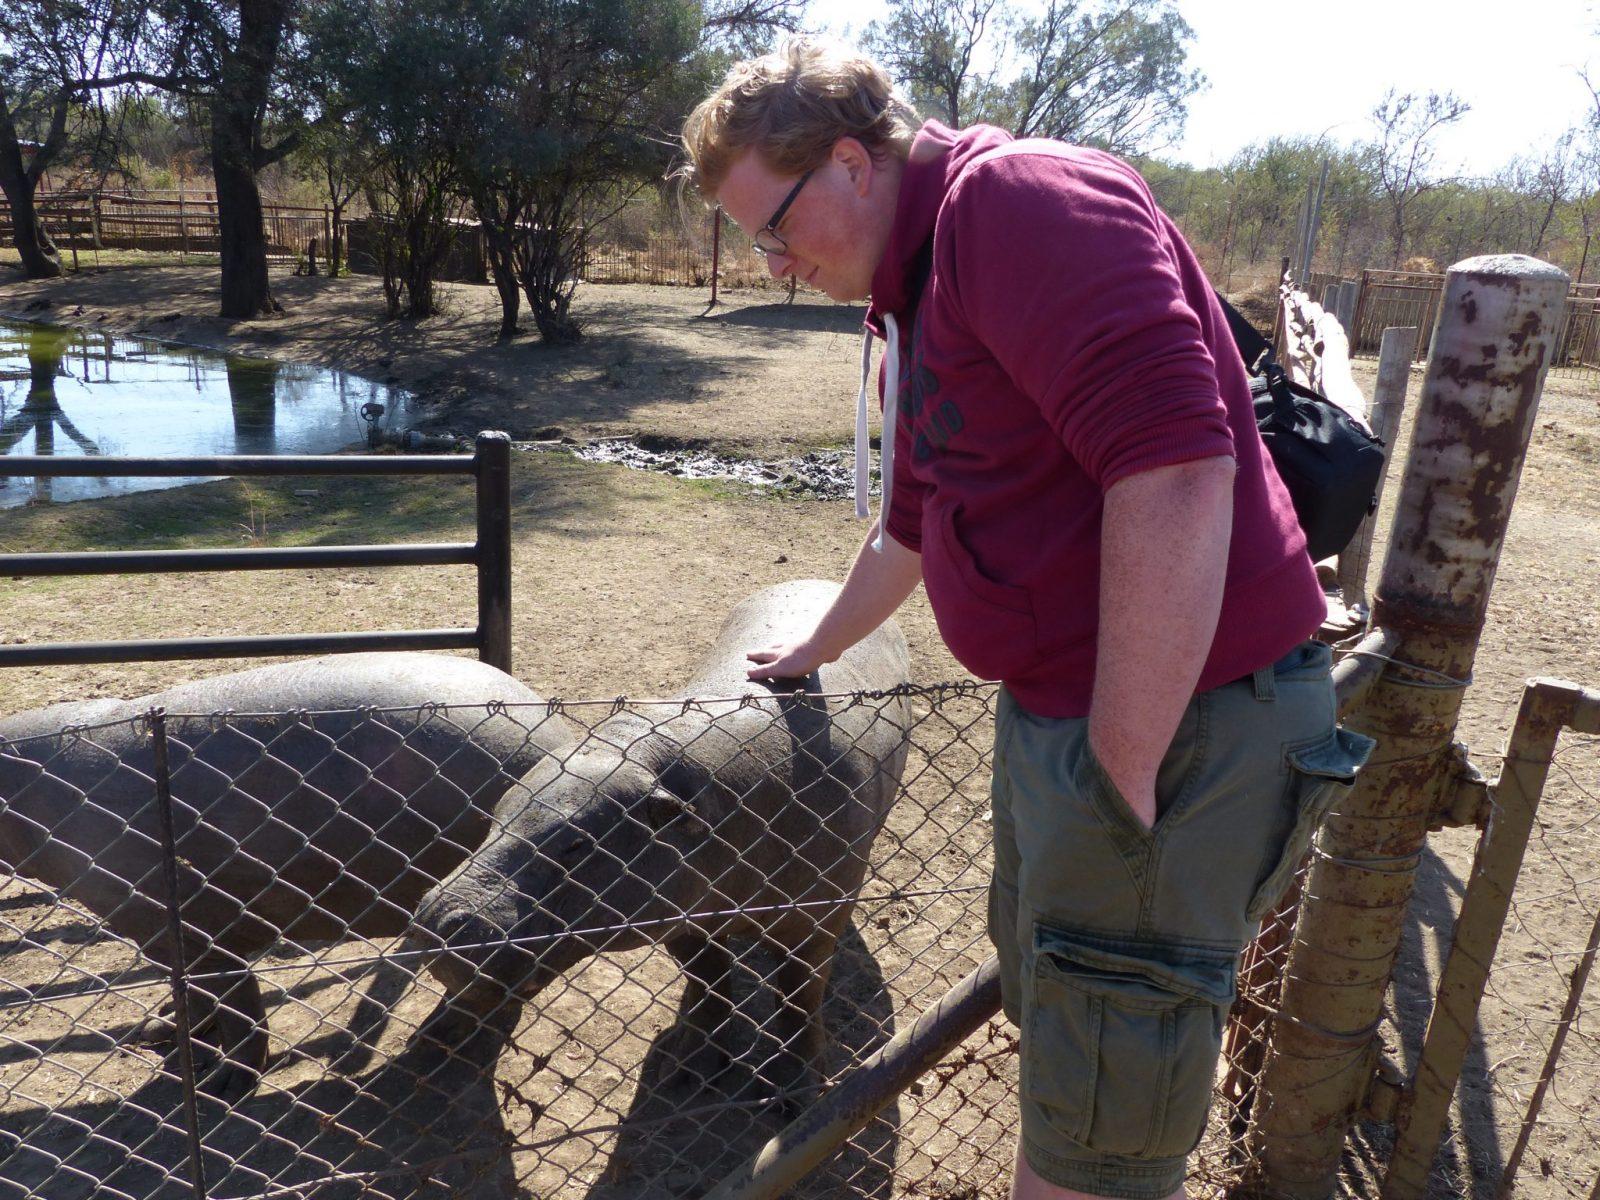 Sedrick en Marmite het dwergnijlpaard - Kwispeltherapie